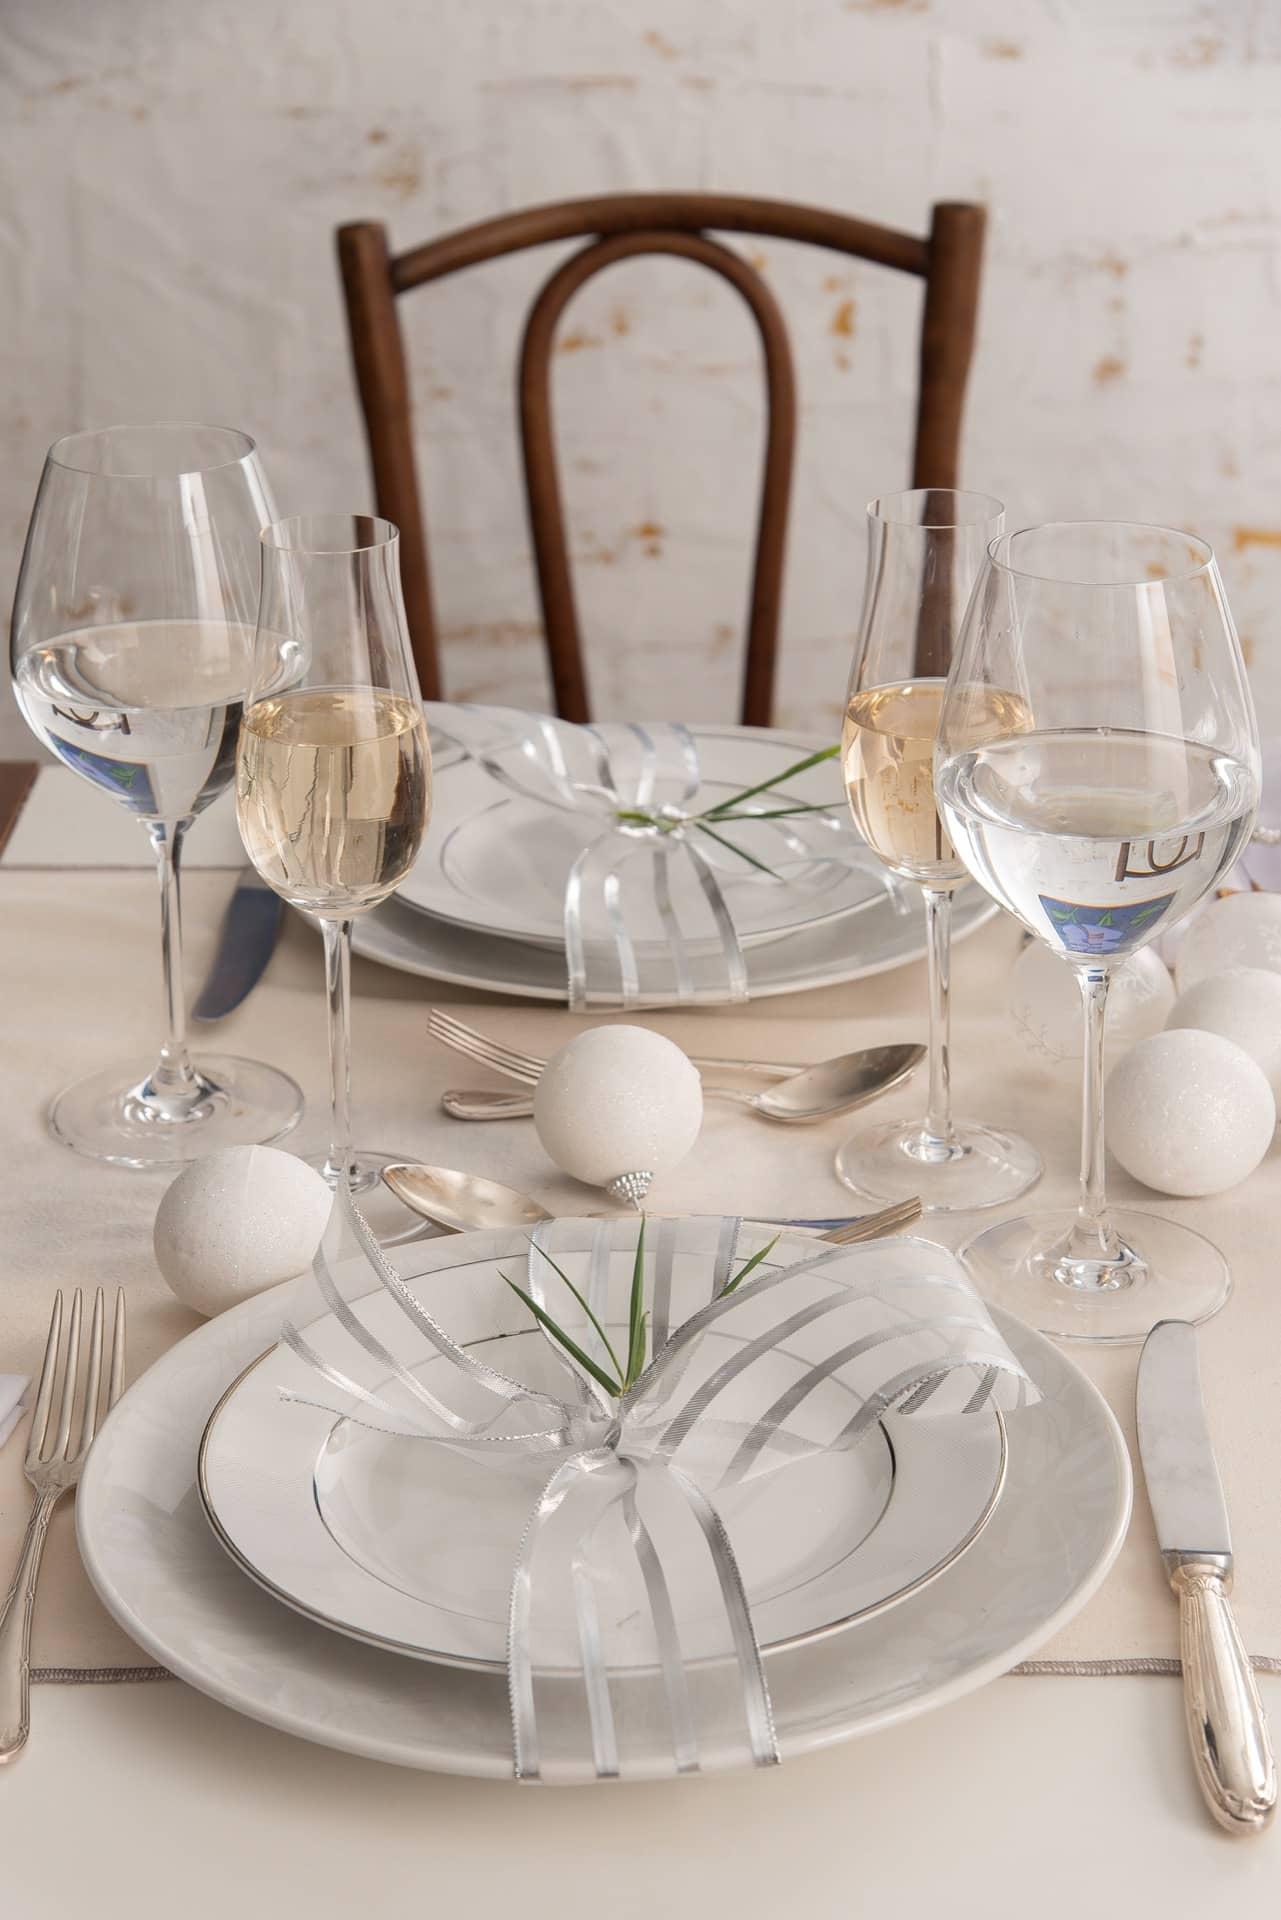 Imagem: Amarre o set de pratos com uma fita prata, fica charmoso, como um presente para seus convidados. Repare como a transparência da fita deixa o visual leve. Foto: Cacá Bratke.